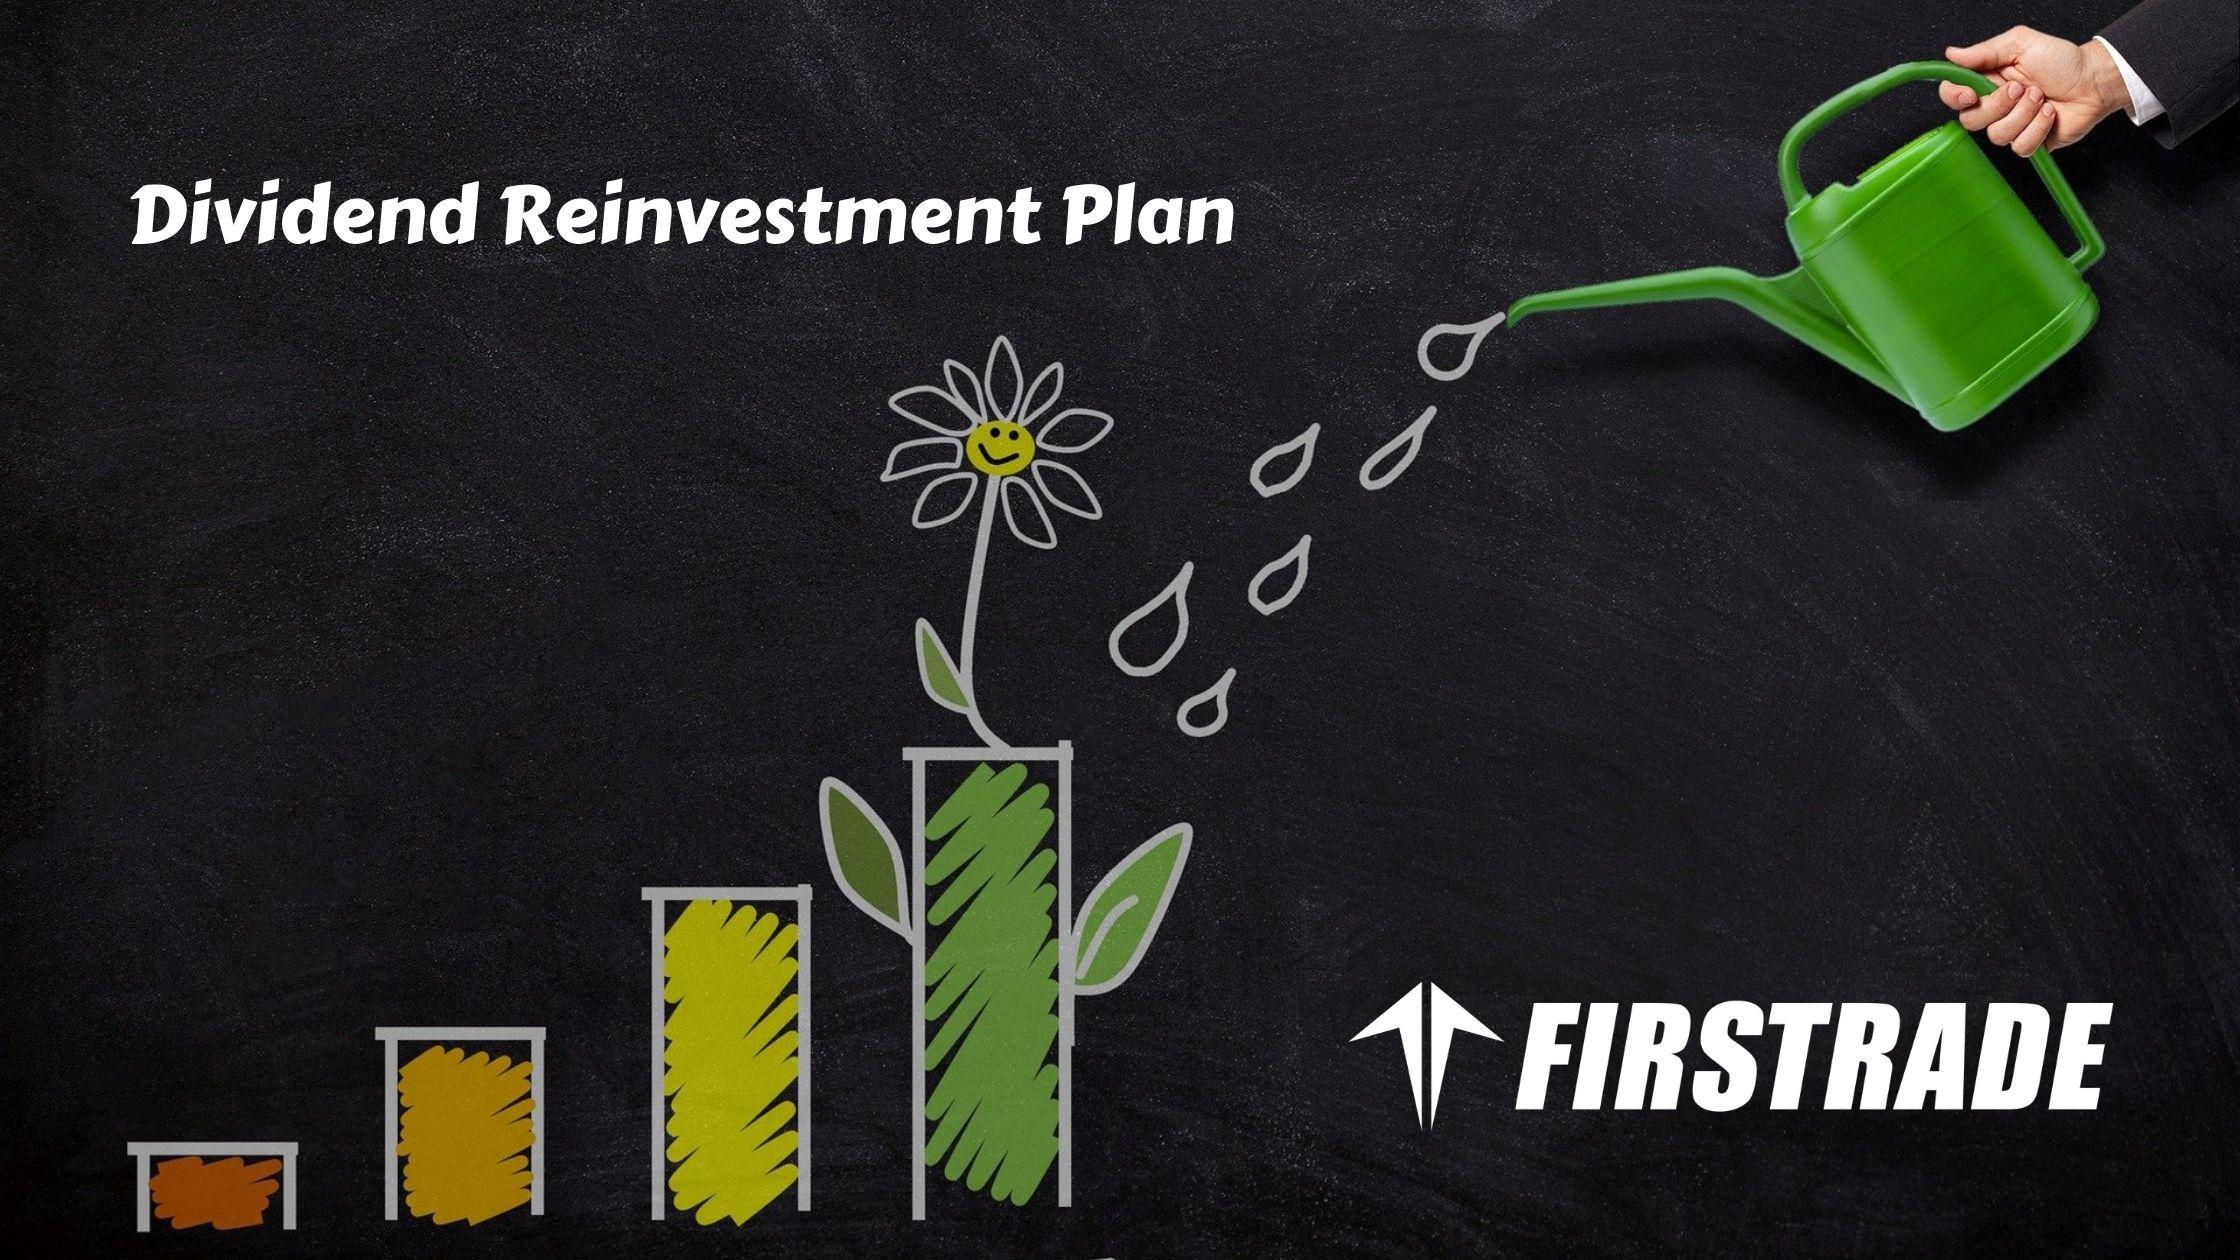 【手数料無料】FirstradeのDRIP設定で簡単配当再投資!